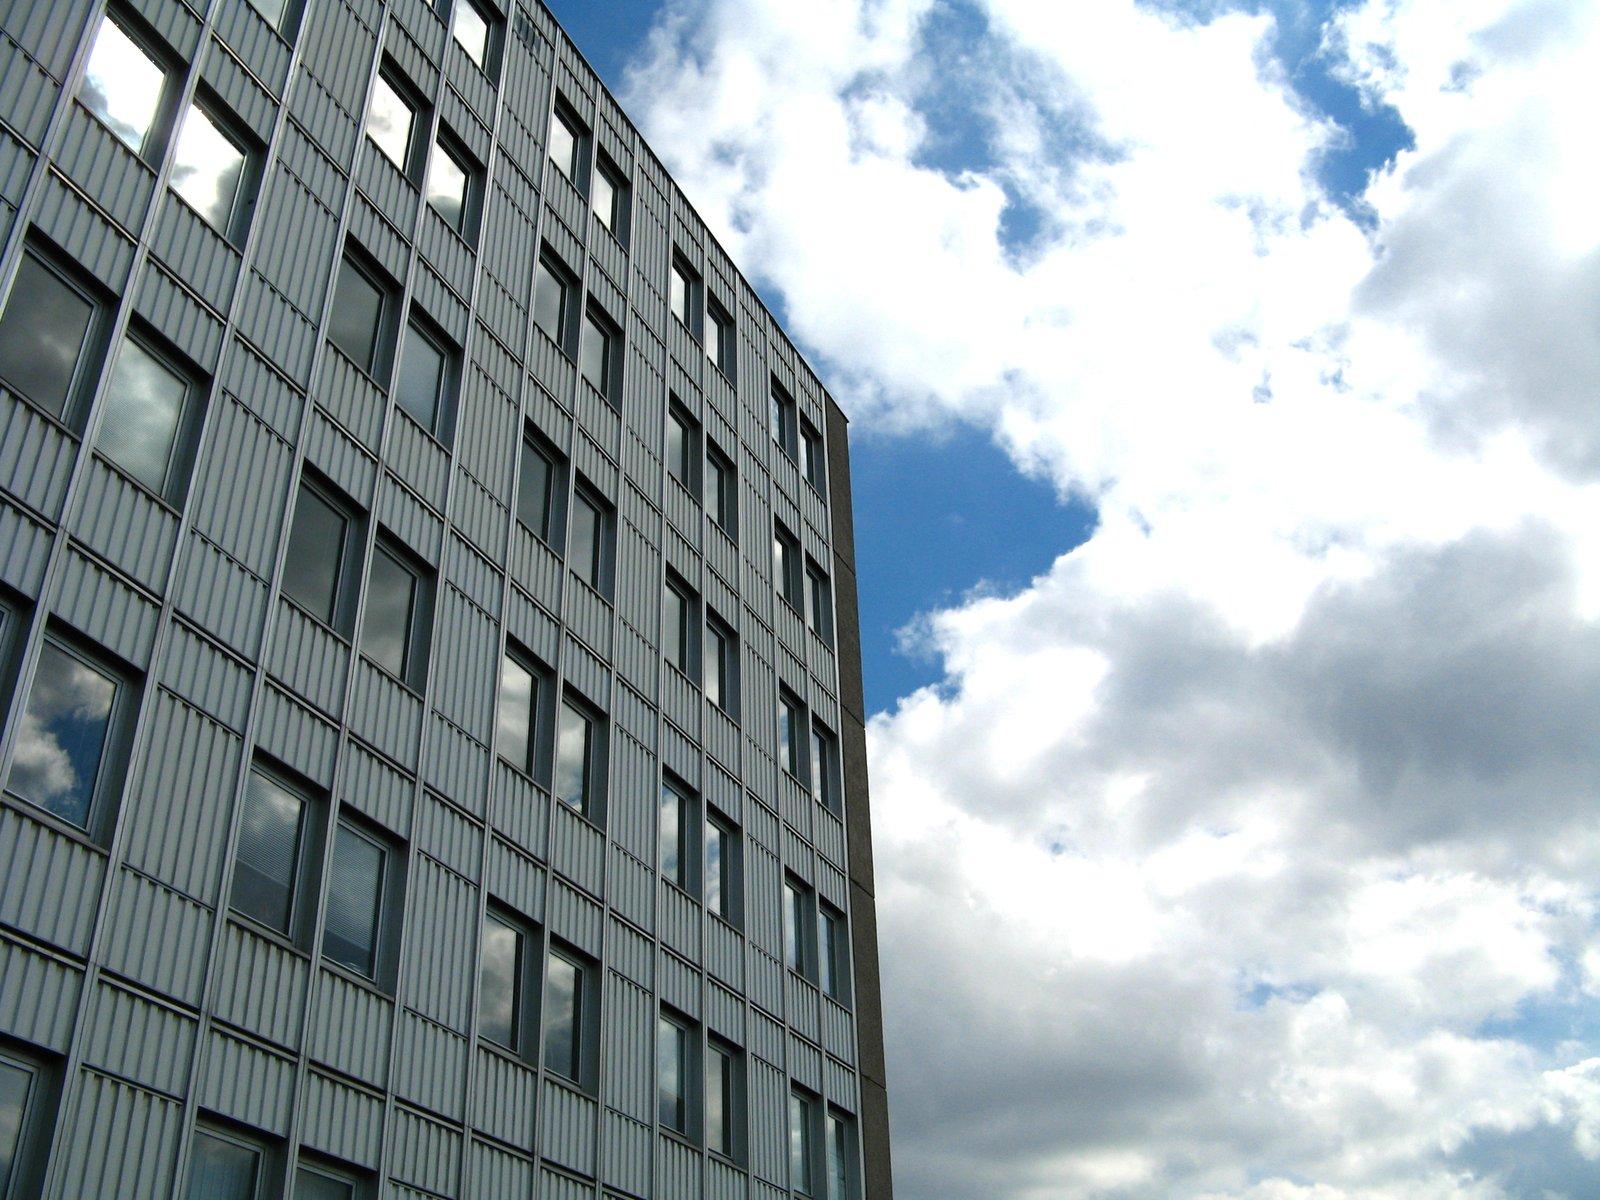 Управление многоквартирным домом и капитальный ремонт